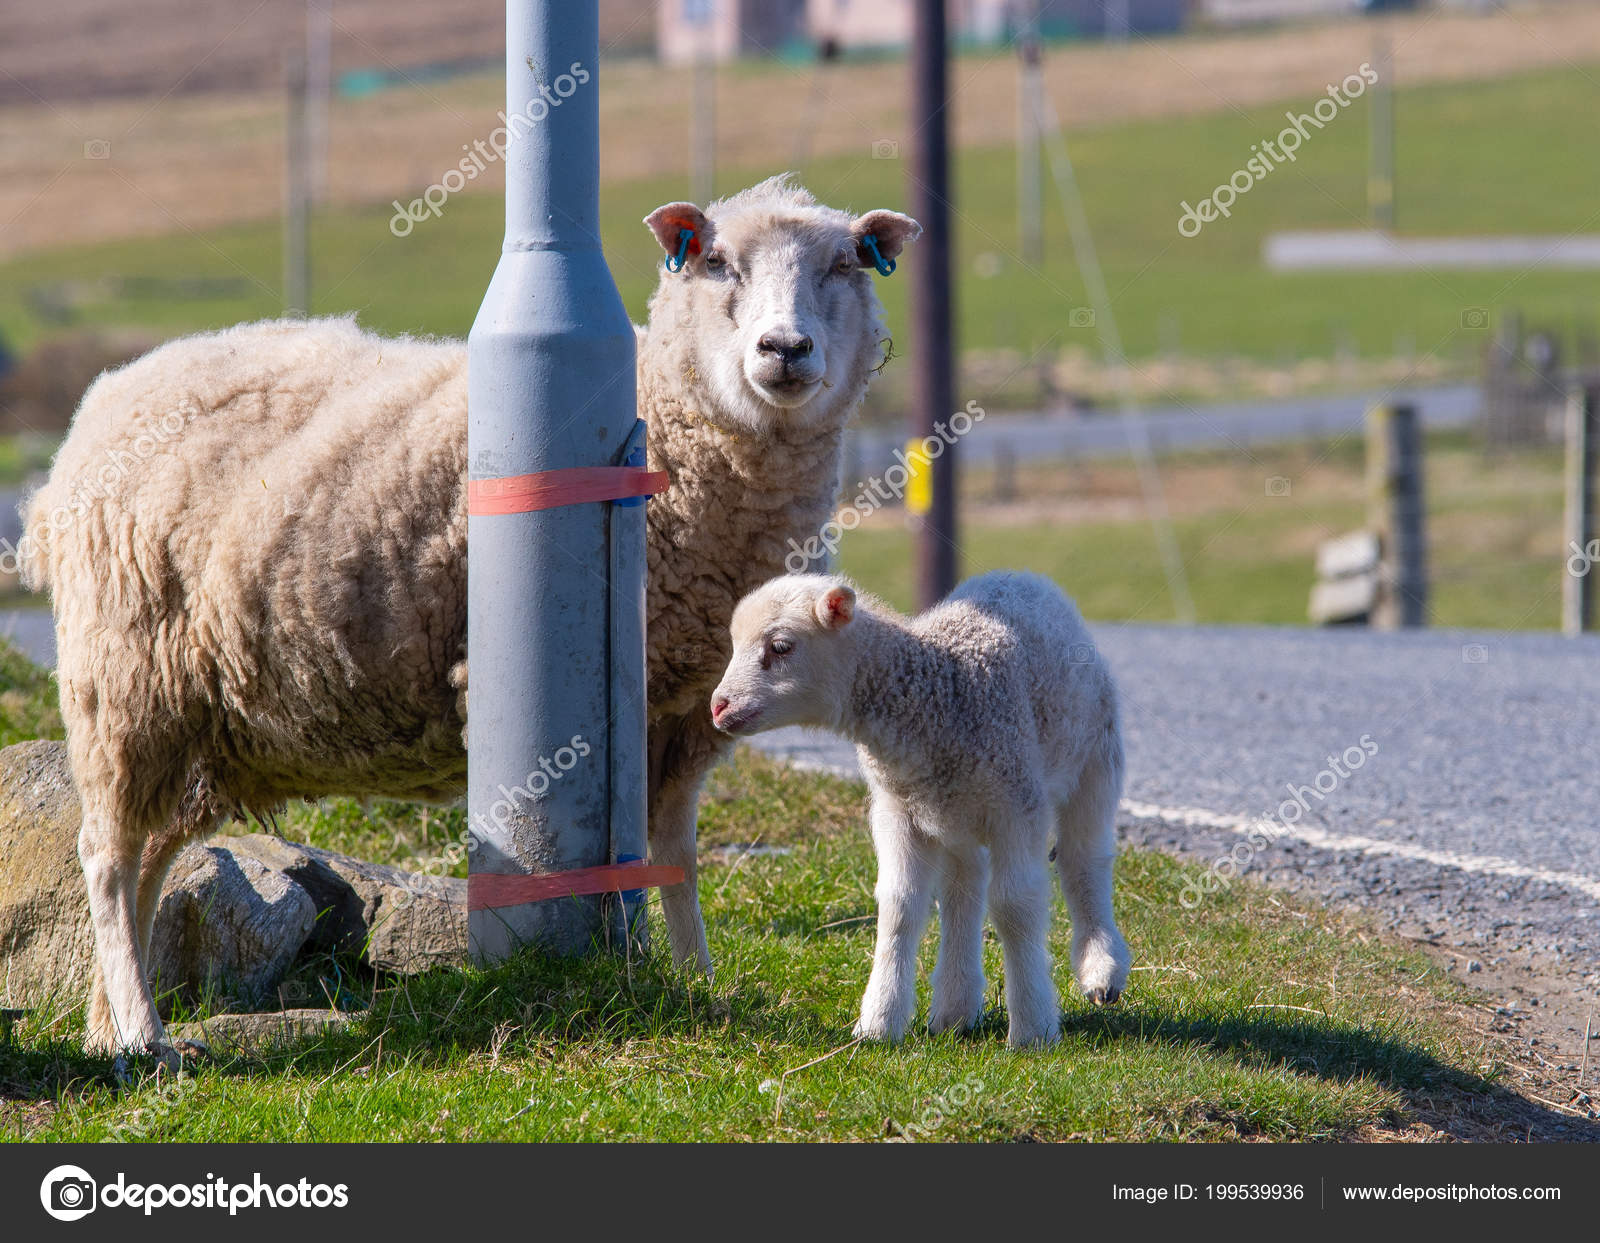 Egy Felnőtt Birka Bárány Baba Mellé Egy Lámpaoszlop Szélén — Stock ... 65101fd07a